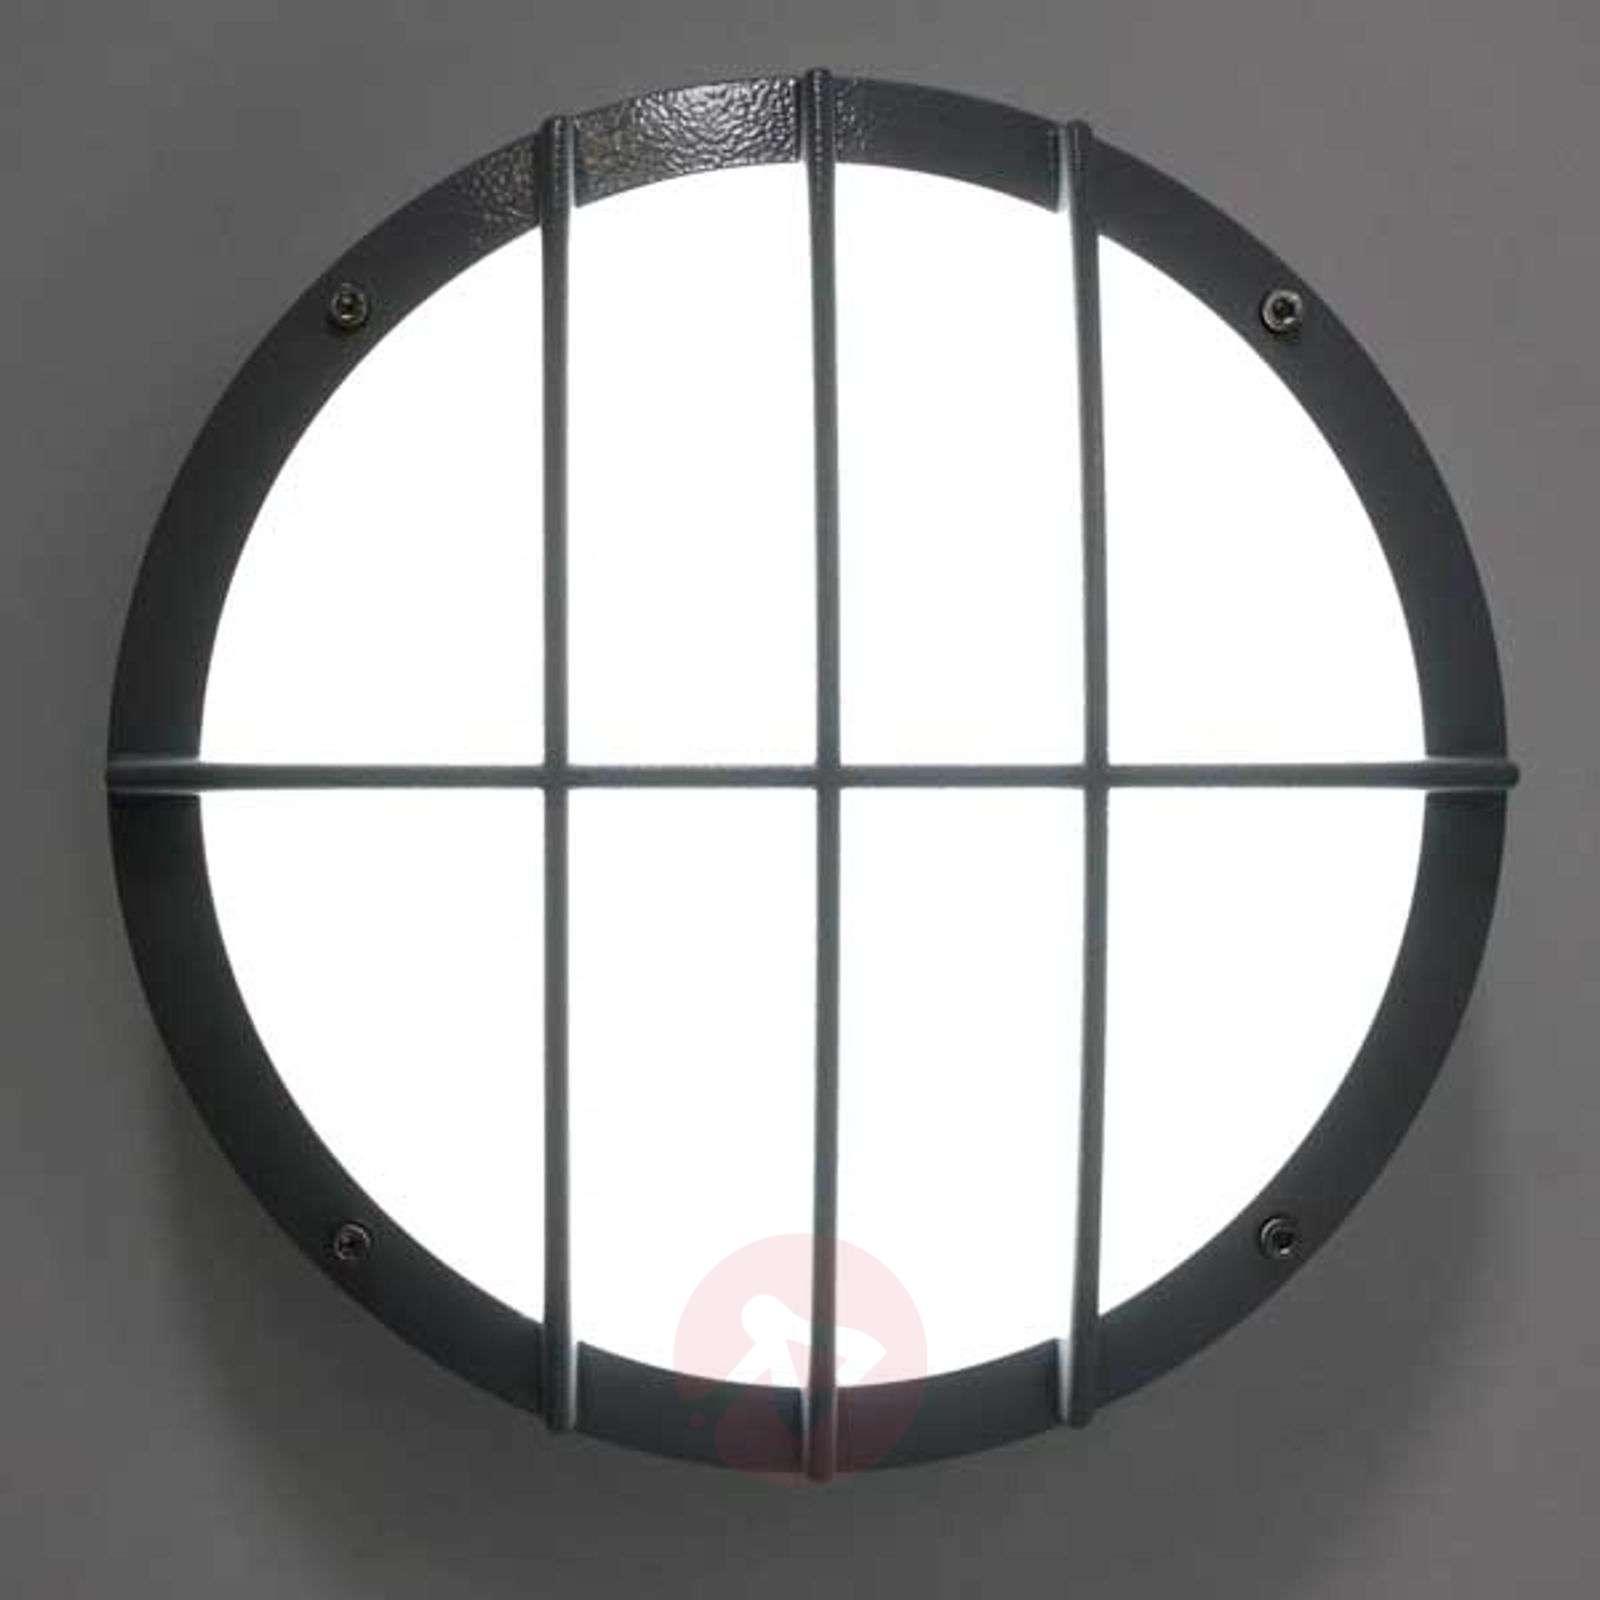 LED-seinävalaisin SUN 8 painevaletusta alumiinista-1018204X-01